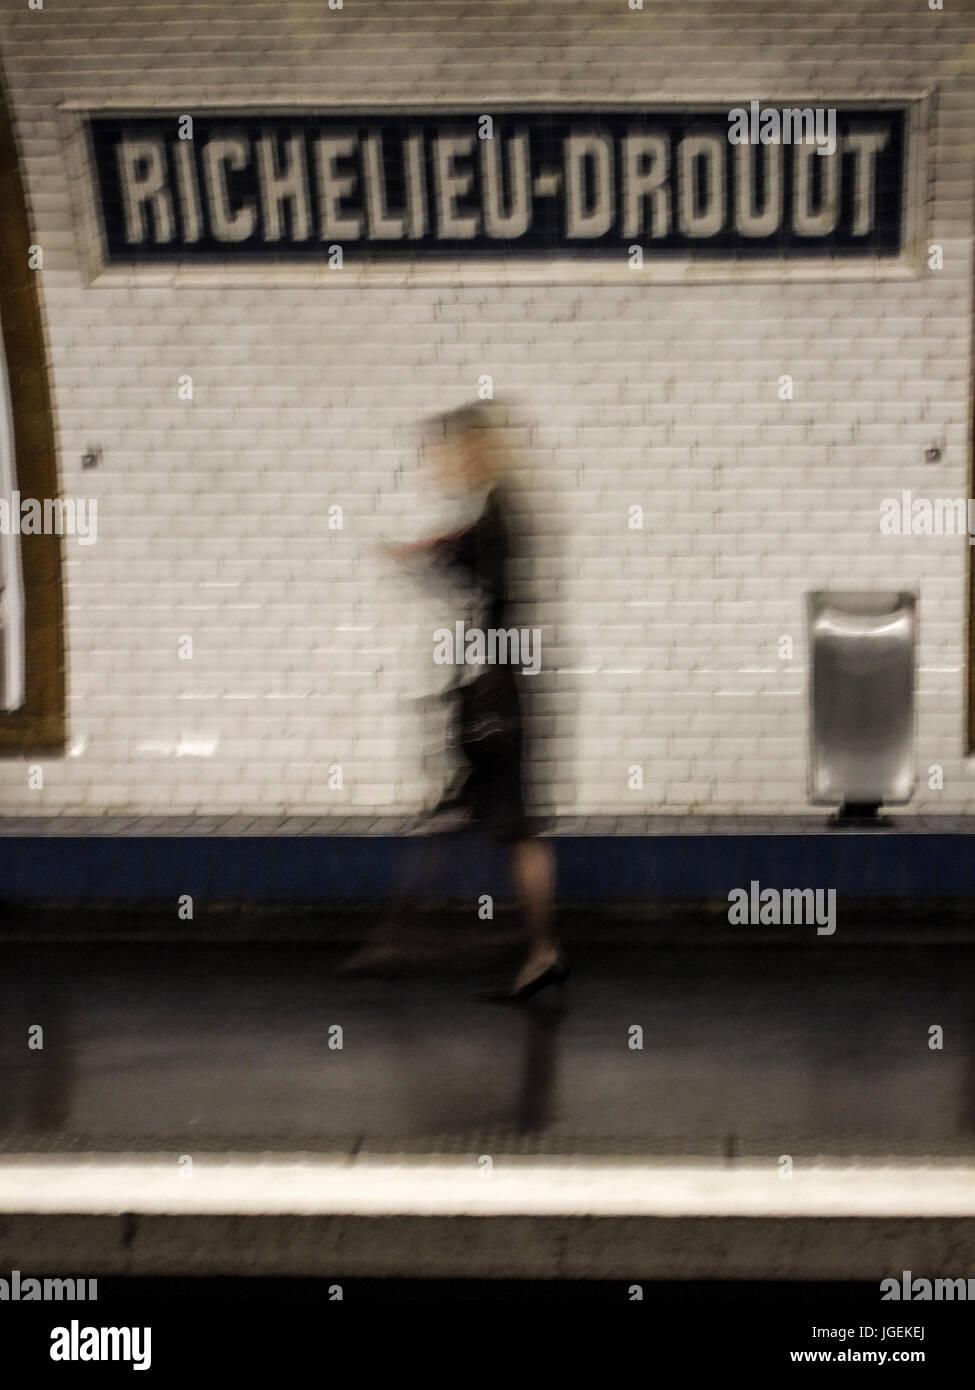 PARIS FRANCE -  METRO STATION RICHELIEU DROUOT SILHOUETTE - PARIS METRO © Frédéric BEAUMONT - Stock Image